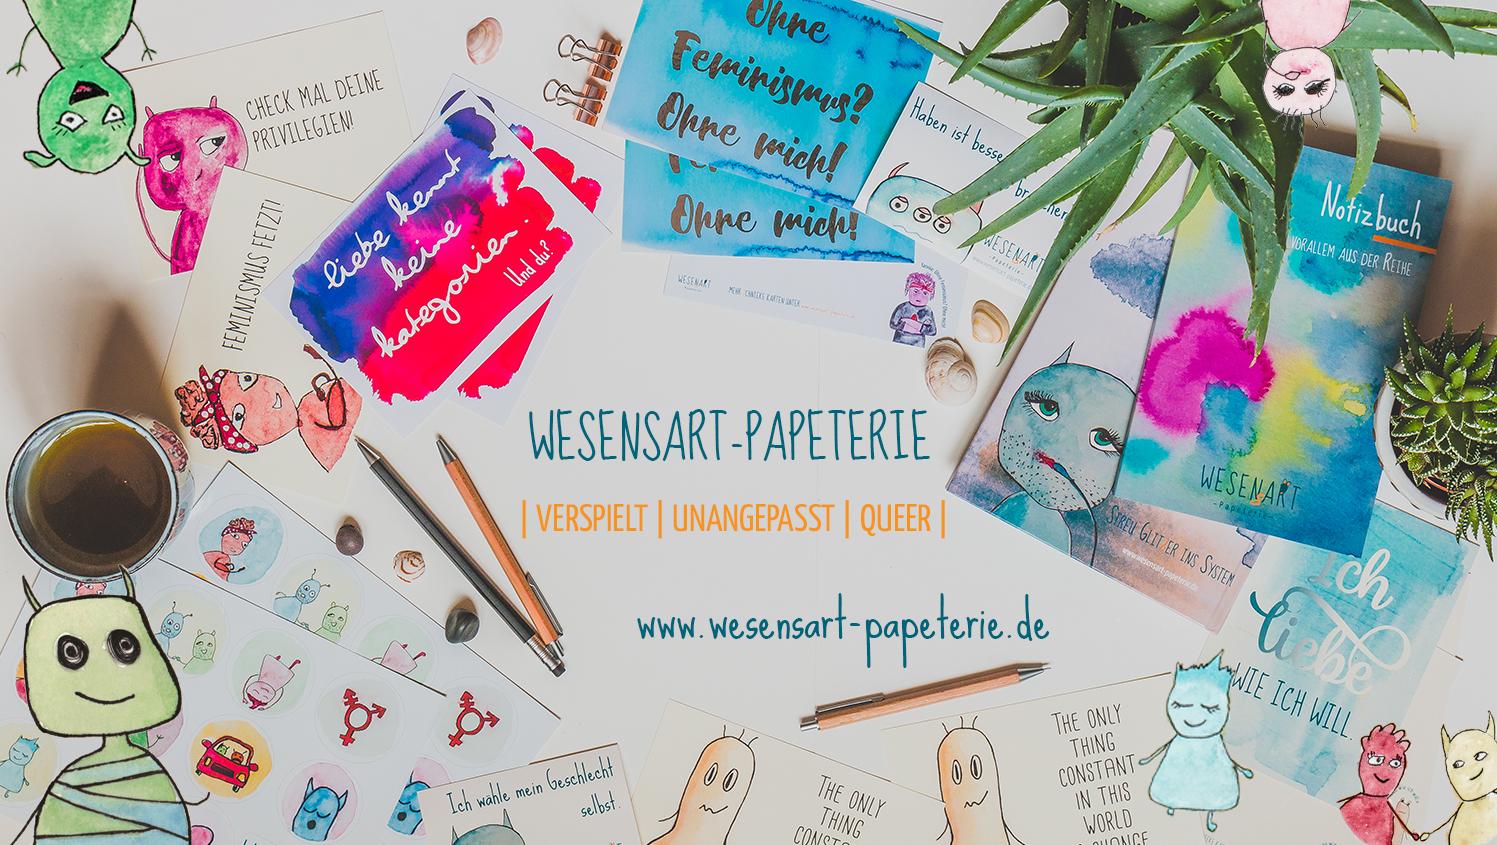 Wesenspapeterie_magdeburg_magdeblogs_konferenz_event